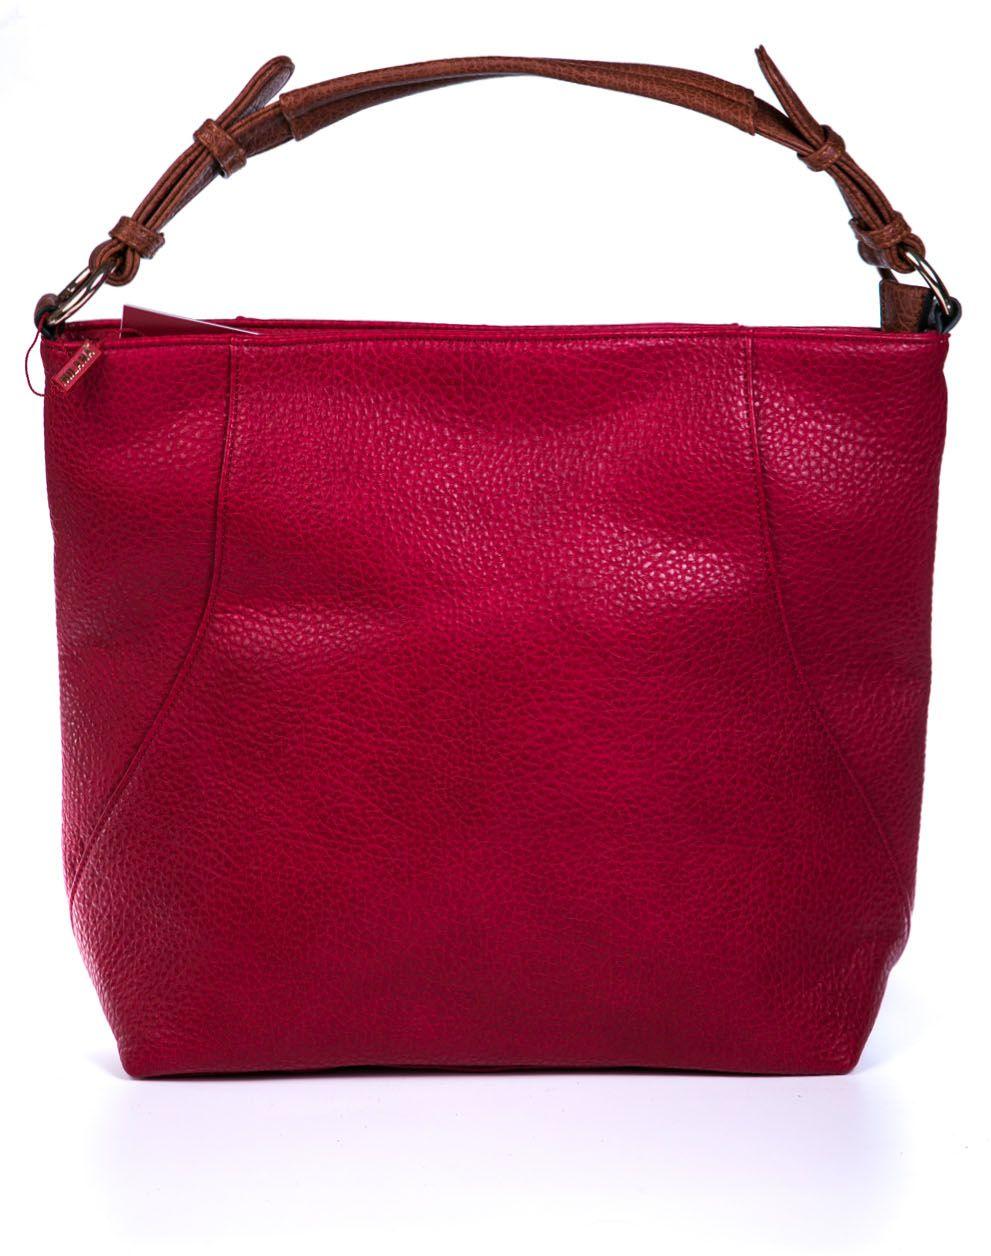 Сумка женская Milana, цвет: красный. 162781-1-140EQW-M710DB-1A1Удобная женская сумка Milana изготовлена из искусственной кожи. Внутренняя подкладка выполнена из искусственного шелка. Сумка закрывается на застежку молнию. Сумка дополнена внутренними вкладышами разных размеров. Внутри имеется одно основное отделение, которое оснащено одним втачным карманом на молнии и двумя накладными открытыми кармашками. Модель оснащена, регулируемой по размеру, ручкой на запястье.Оригинальный аксессуар позволит вам завершить образ и быть неотразимой.